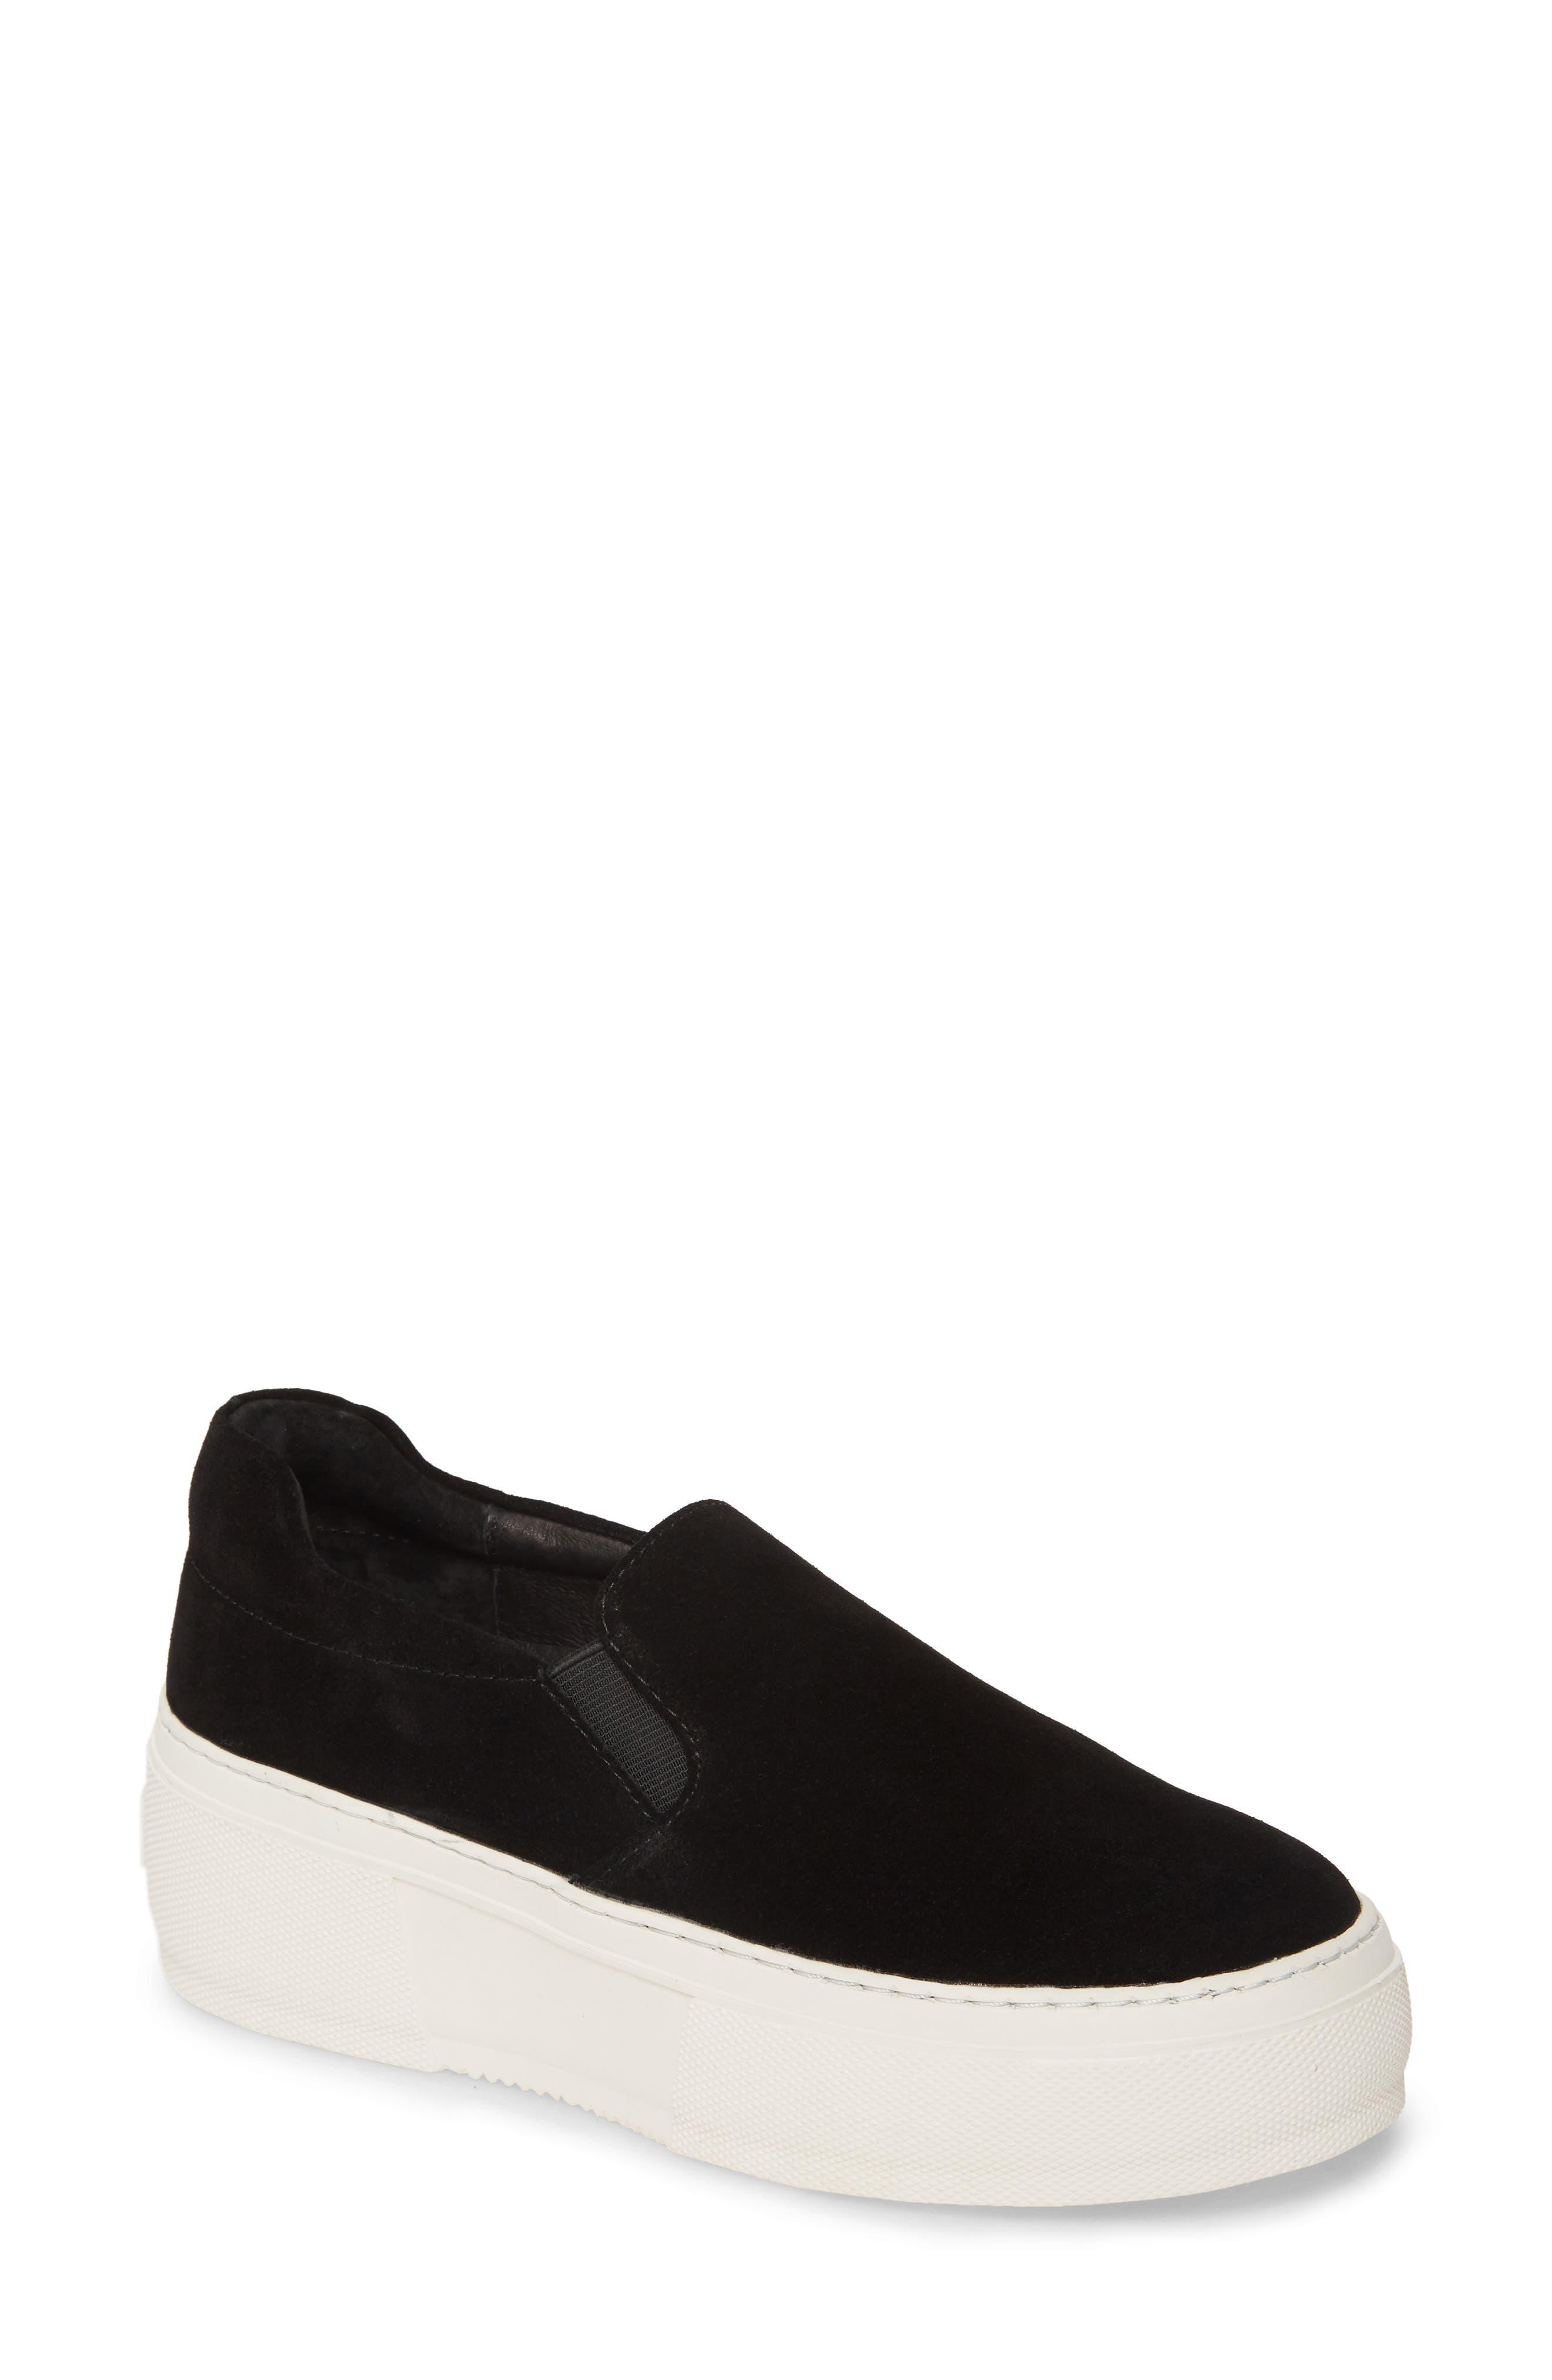 JSlides Cleo Platform Slip-On Sneaker